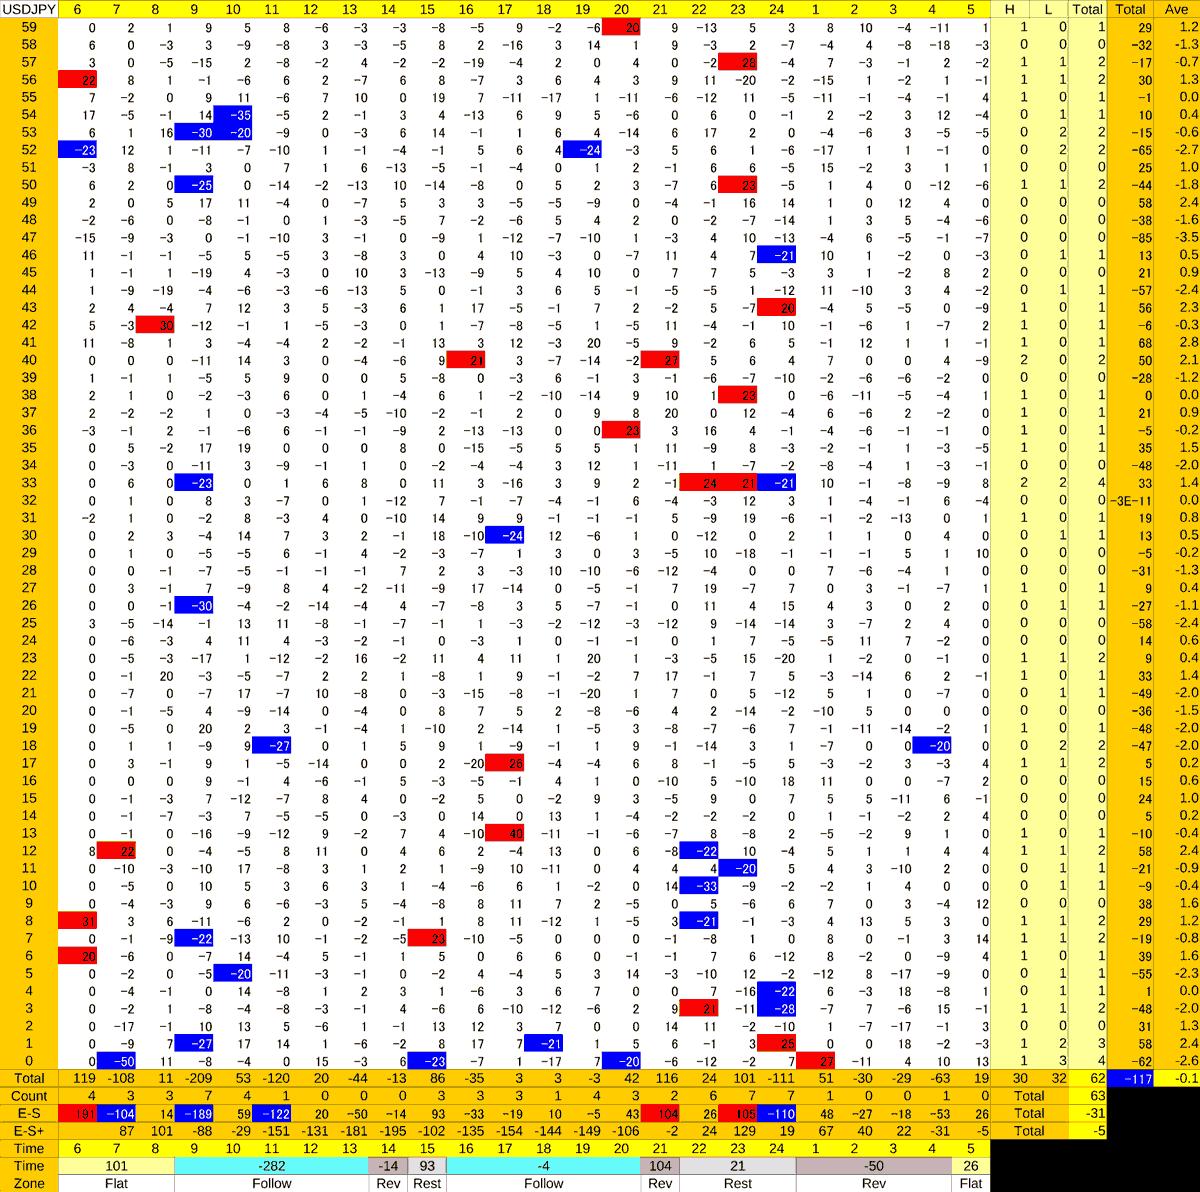 20200928_HS(1)USDJPY